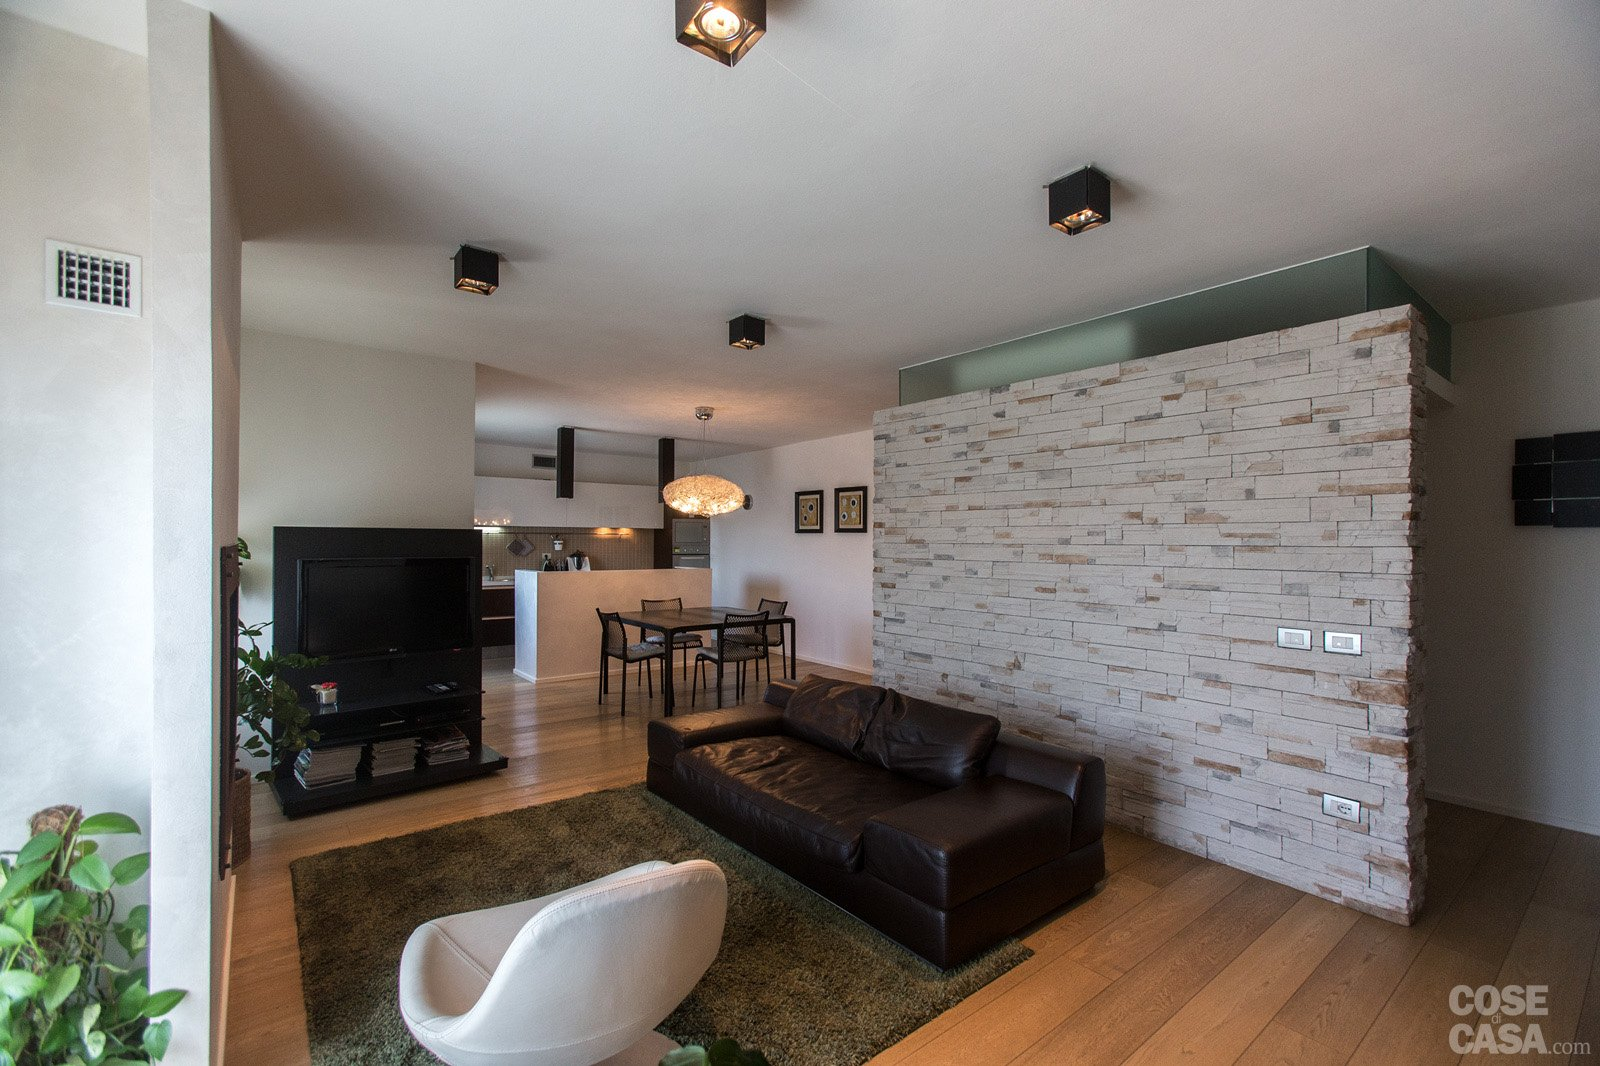 Parquet In Cucina E Bagno : 110 Mq: Una Casa Con Pareti D'effetto  #945F37 1600 1066 Programma Professionale Per Progettare Cucine